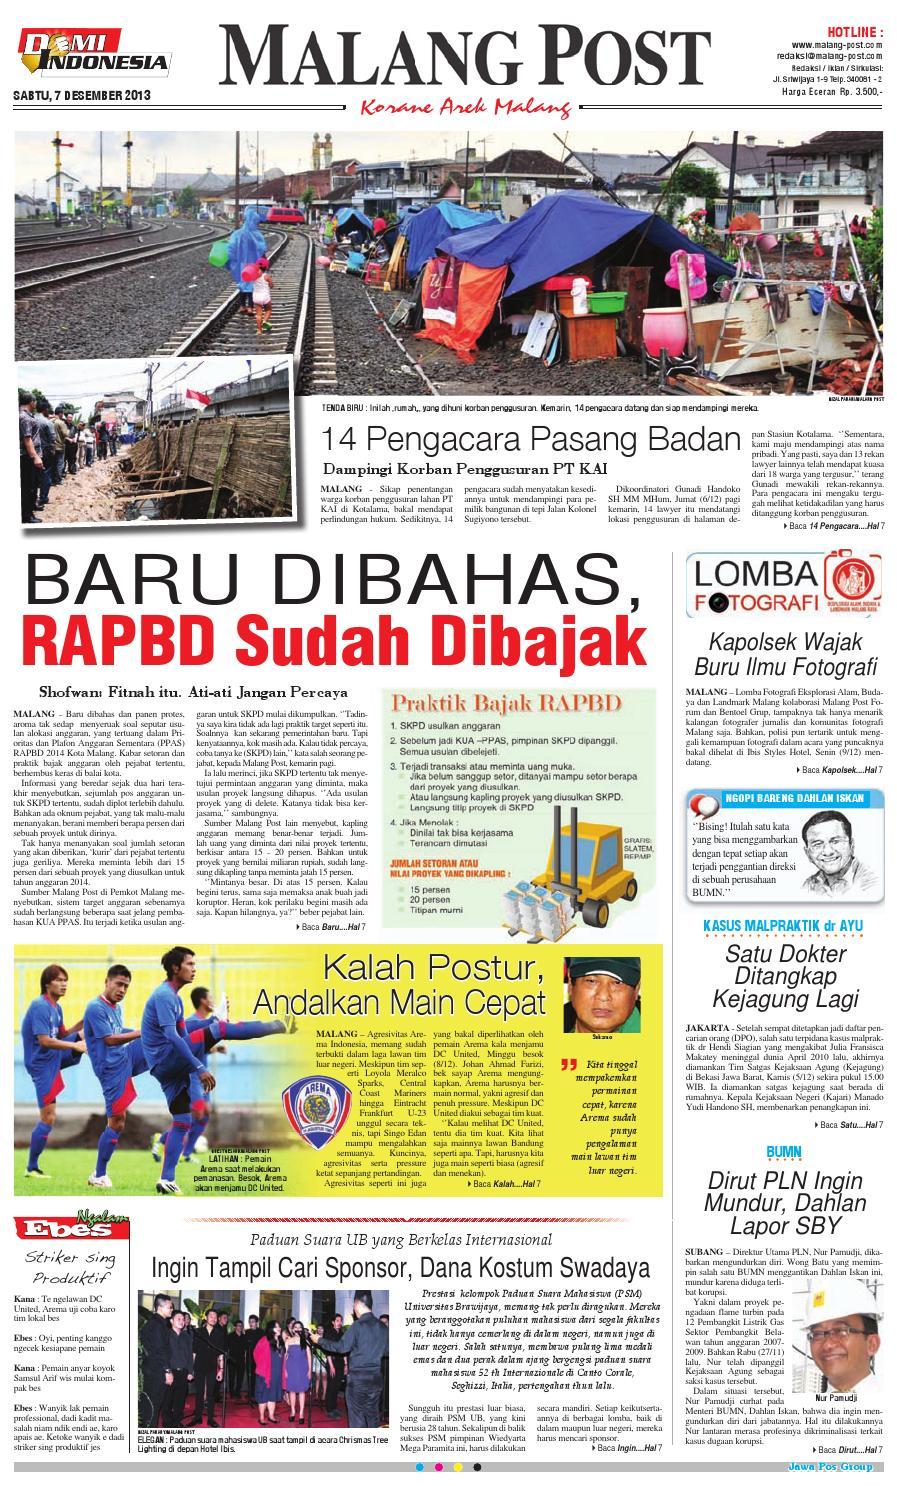 Mp0712 By Mpost Issuu Produk Umkm Bumn Lapis Surabaya Panjang Hj Enong